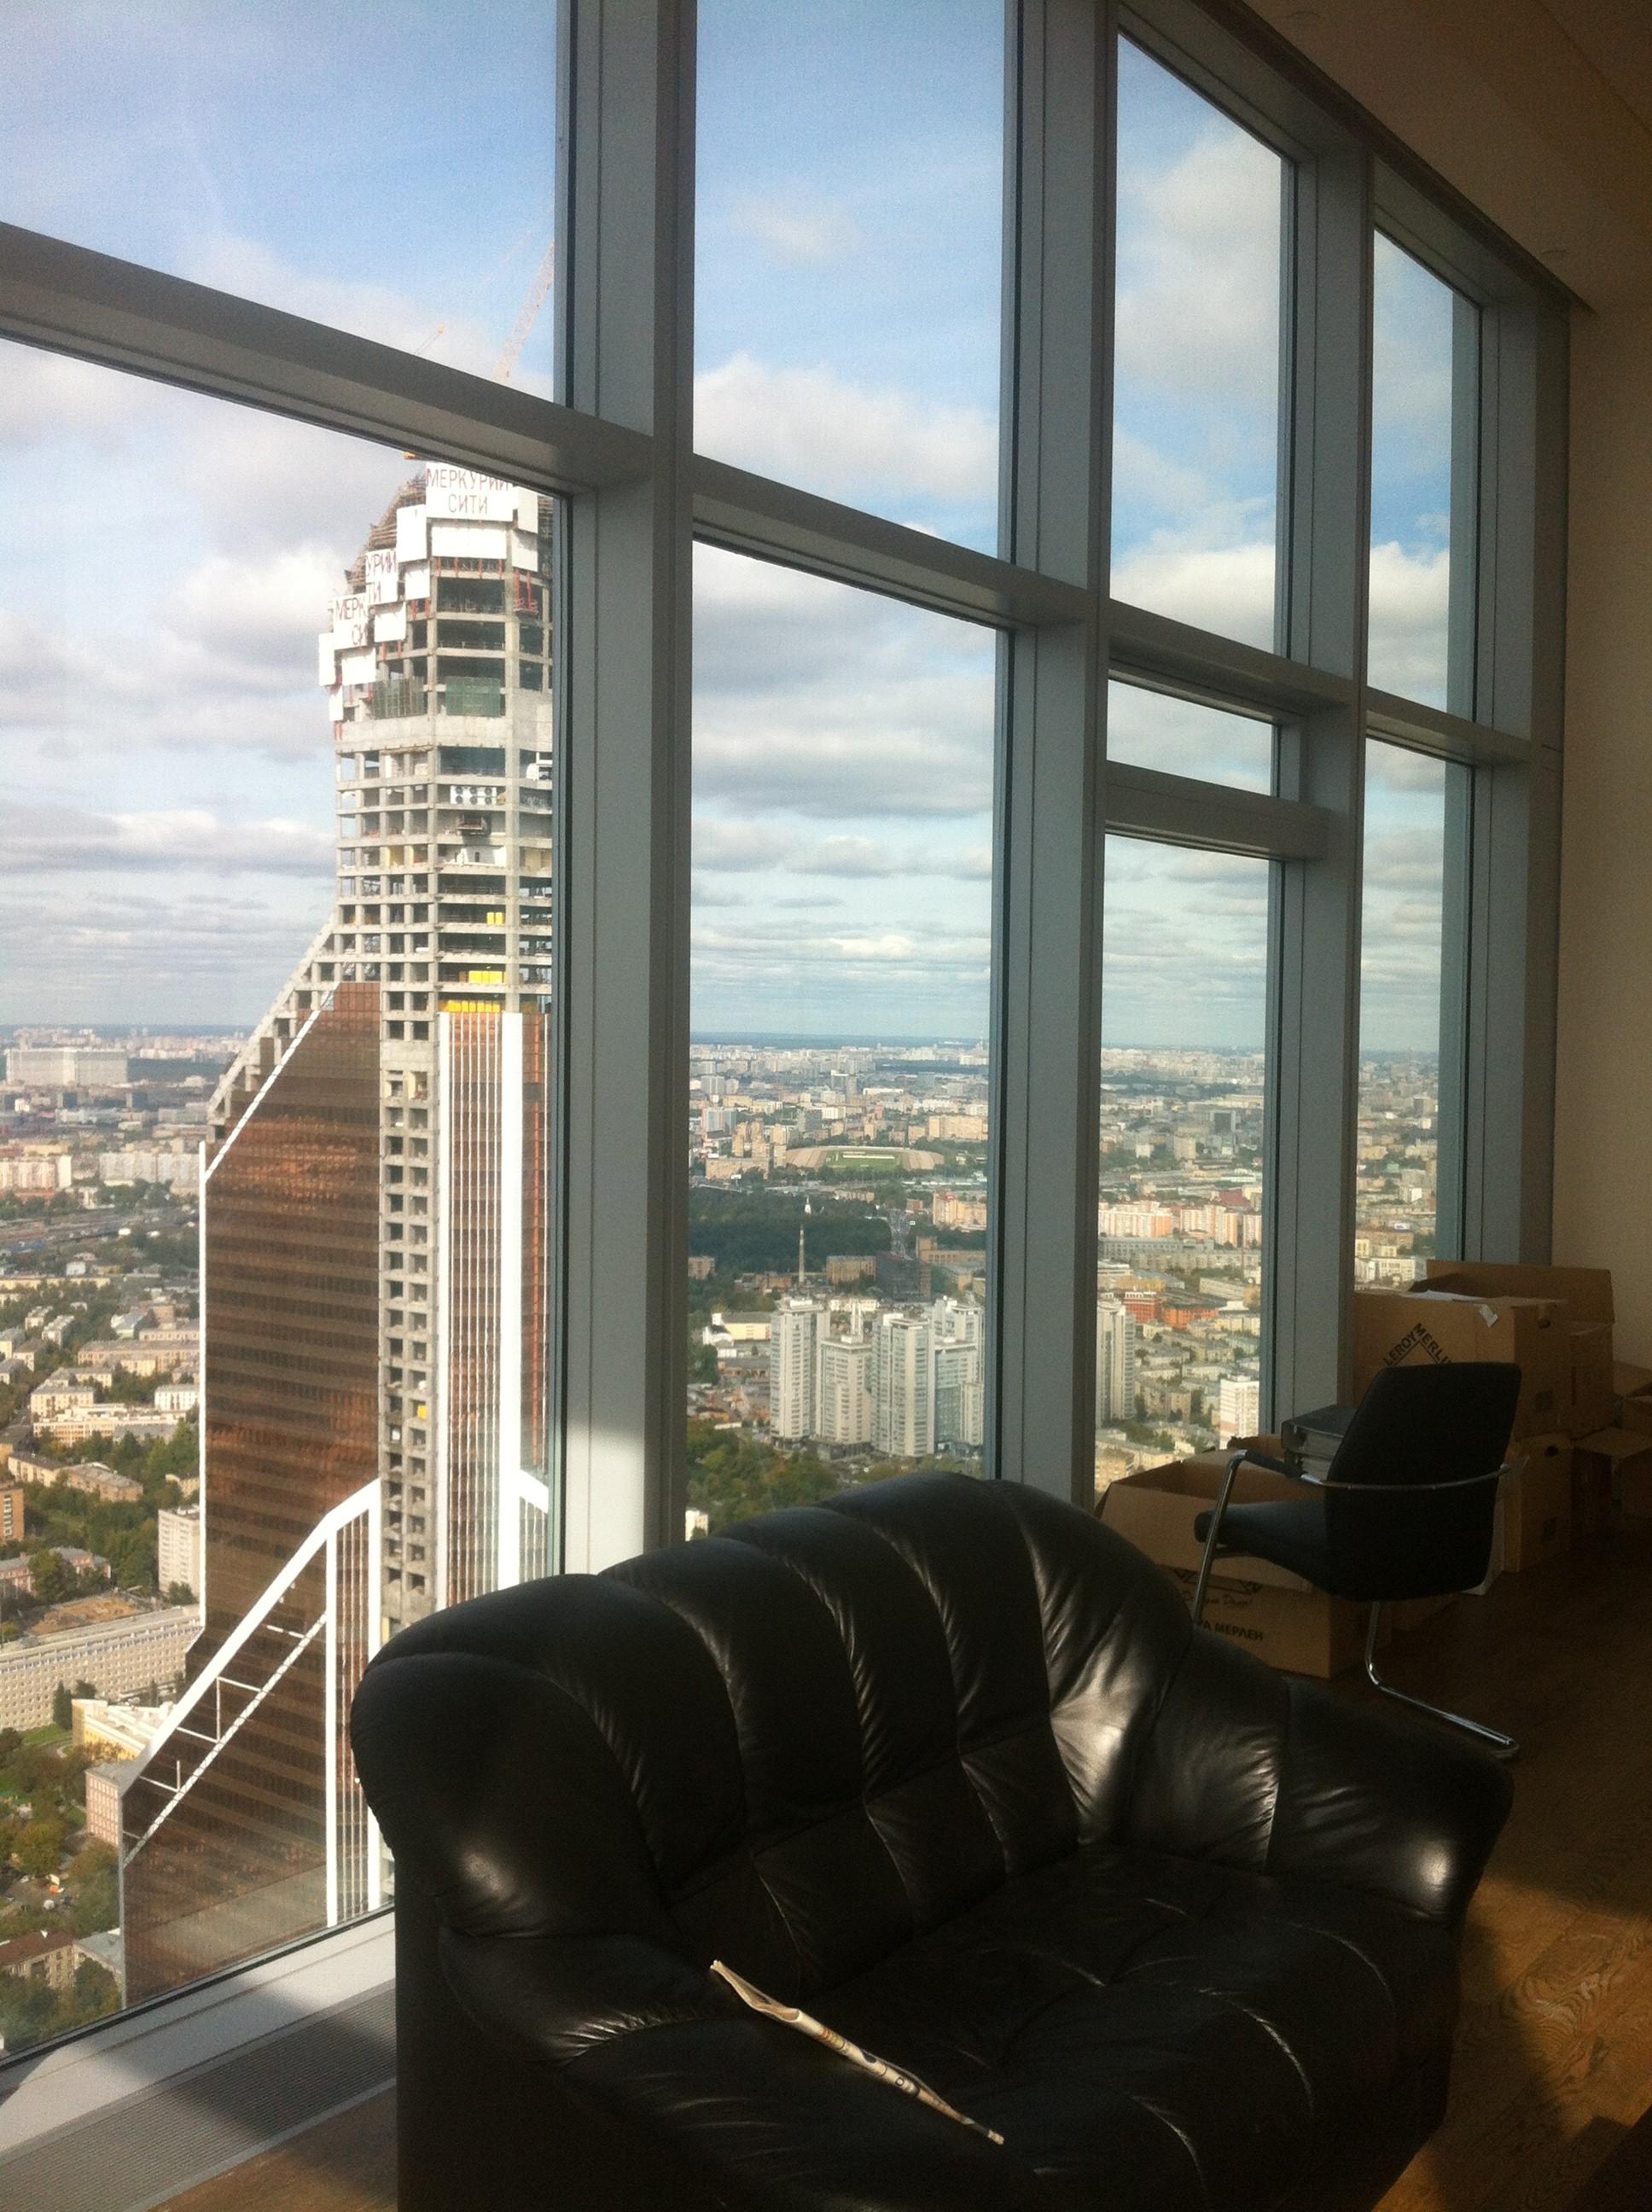 Аренда офиса в москва сити недорого аренда коммерческой недвижимости смоленска